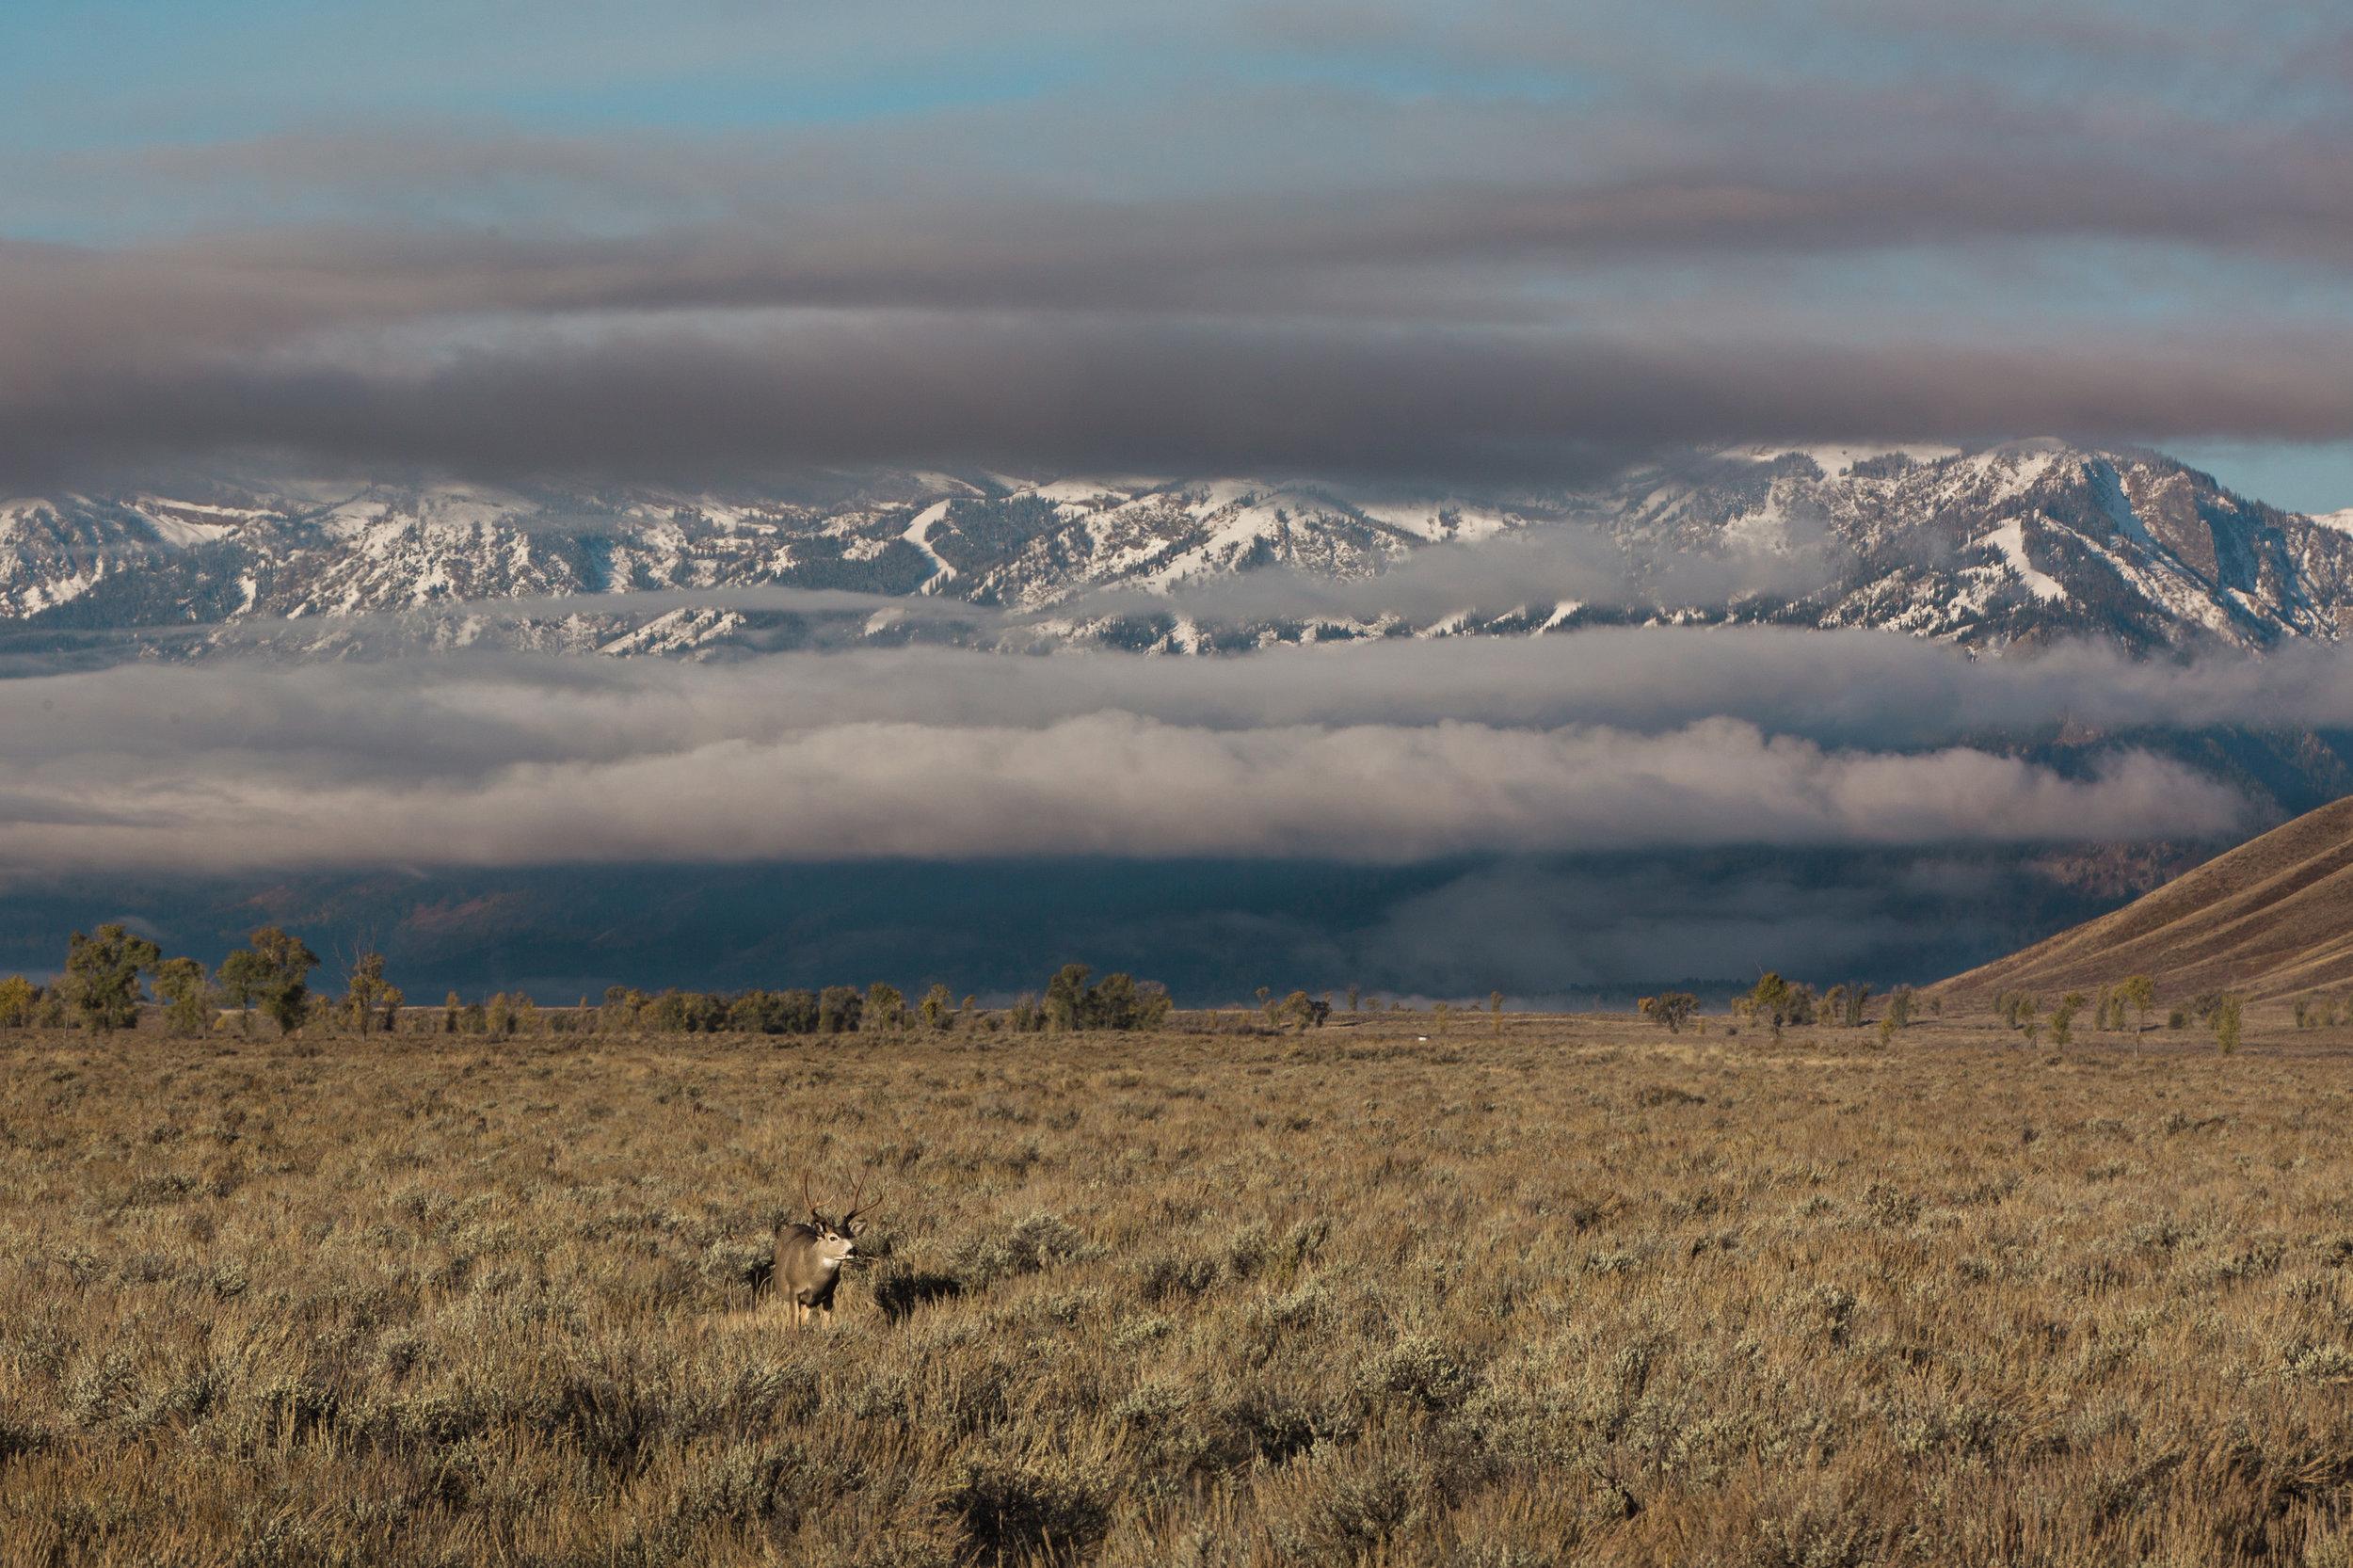 CindyGiovagnoli_Grand_Teton_National_Park_mountains_Bison_Autumn_Wyoming_Mormon_Row_aspens_fall_outdoor_photographer-030.jpg